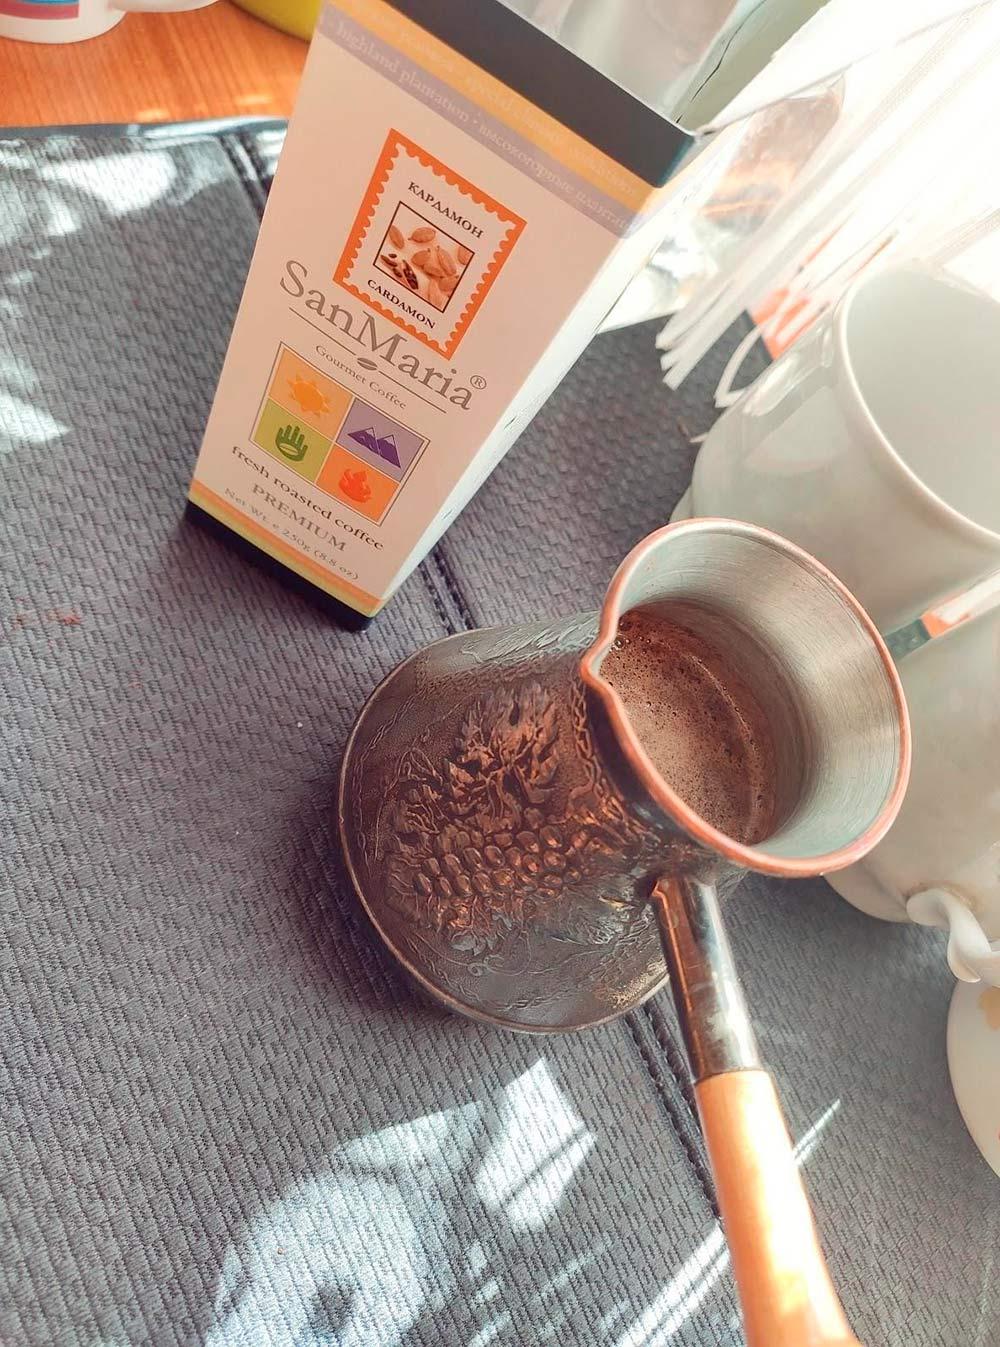 Новый кофе с кардамоном пришелся мне по вкусу, но из-за резкого аромата не понравился остальным